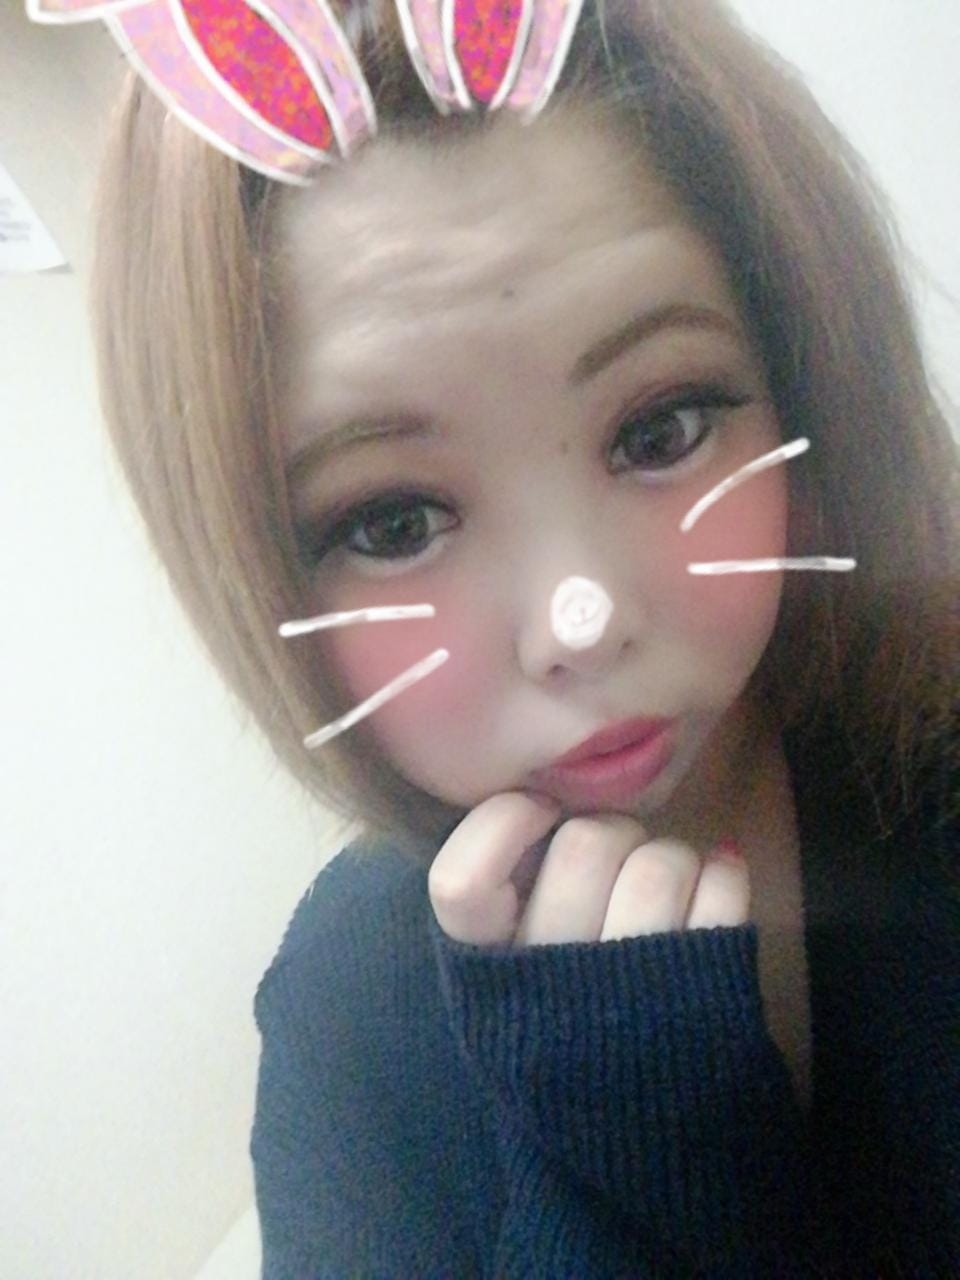 ☆ちえみ☆「ありがとう♡♡」09/18(火) 05:46   ☆ちえみ☆の写メ・風俗動画